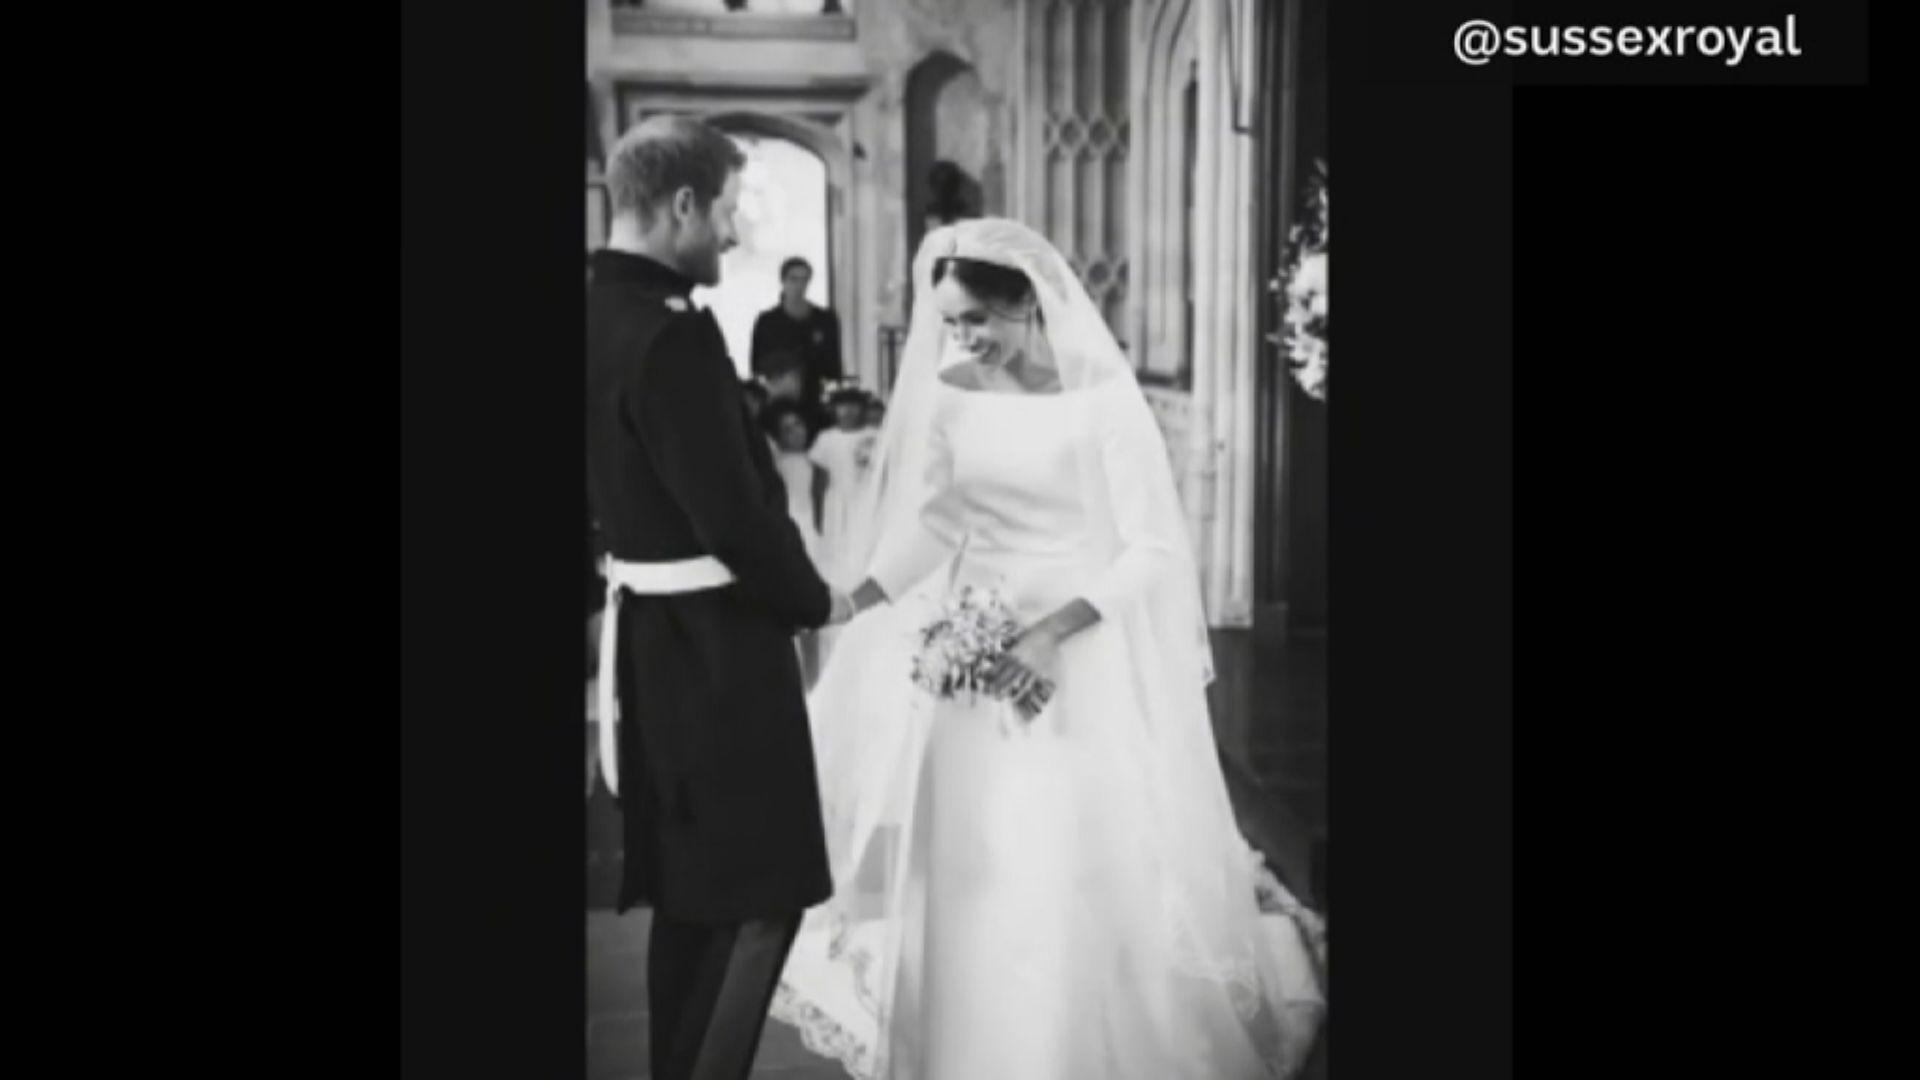 【環球薈報】哈里梅根公開未曝光婚禮照片慶祝紙婚